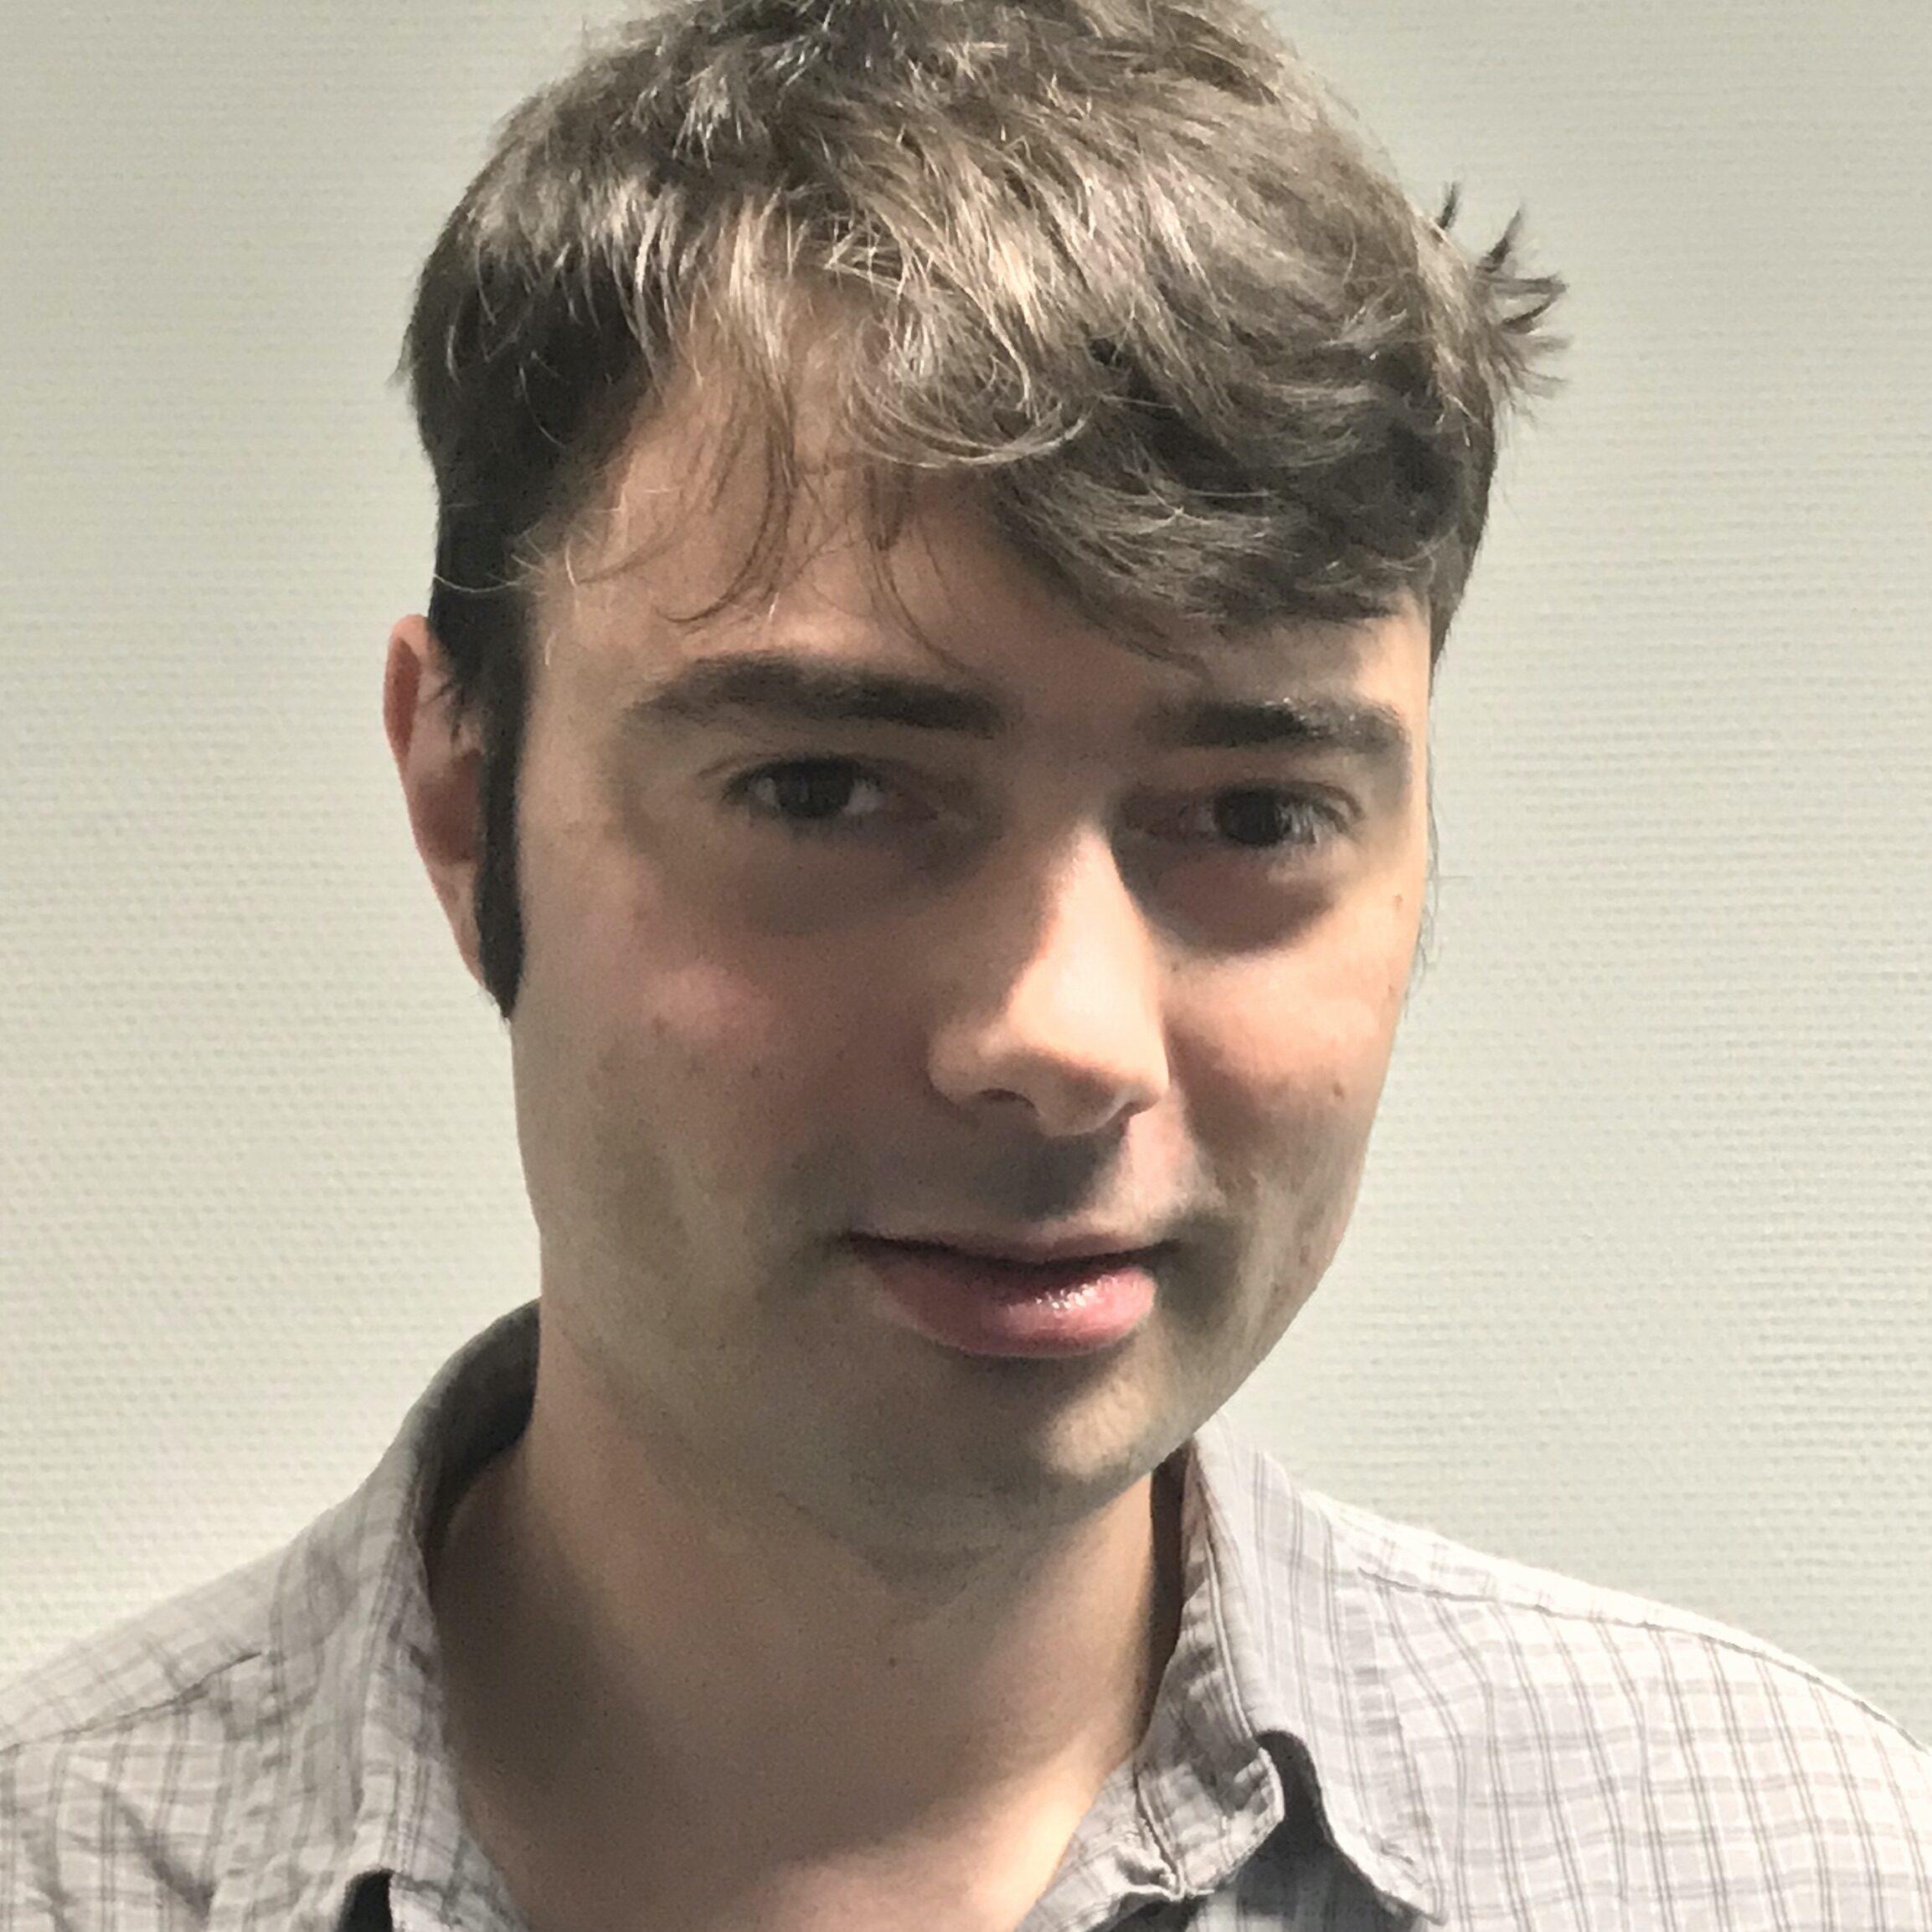 David Gueorguiev